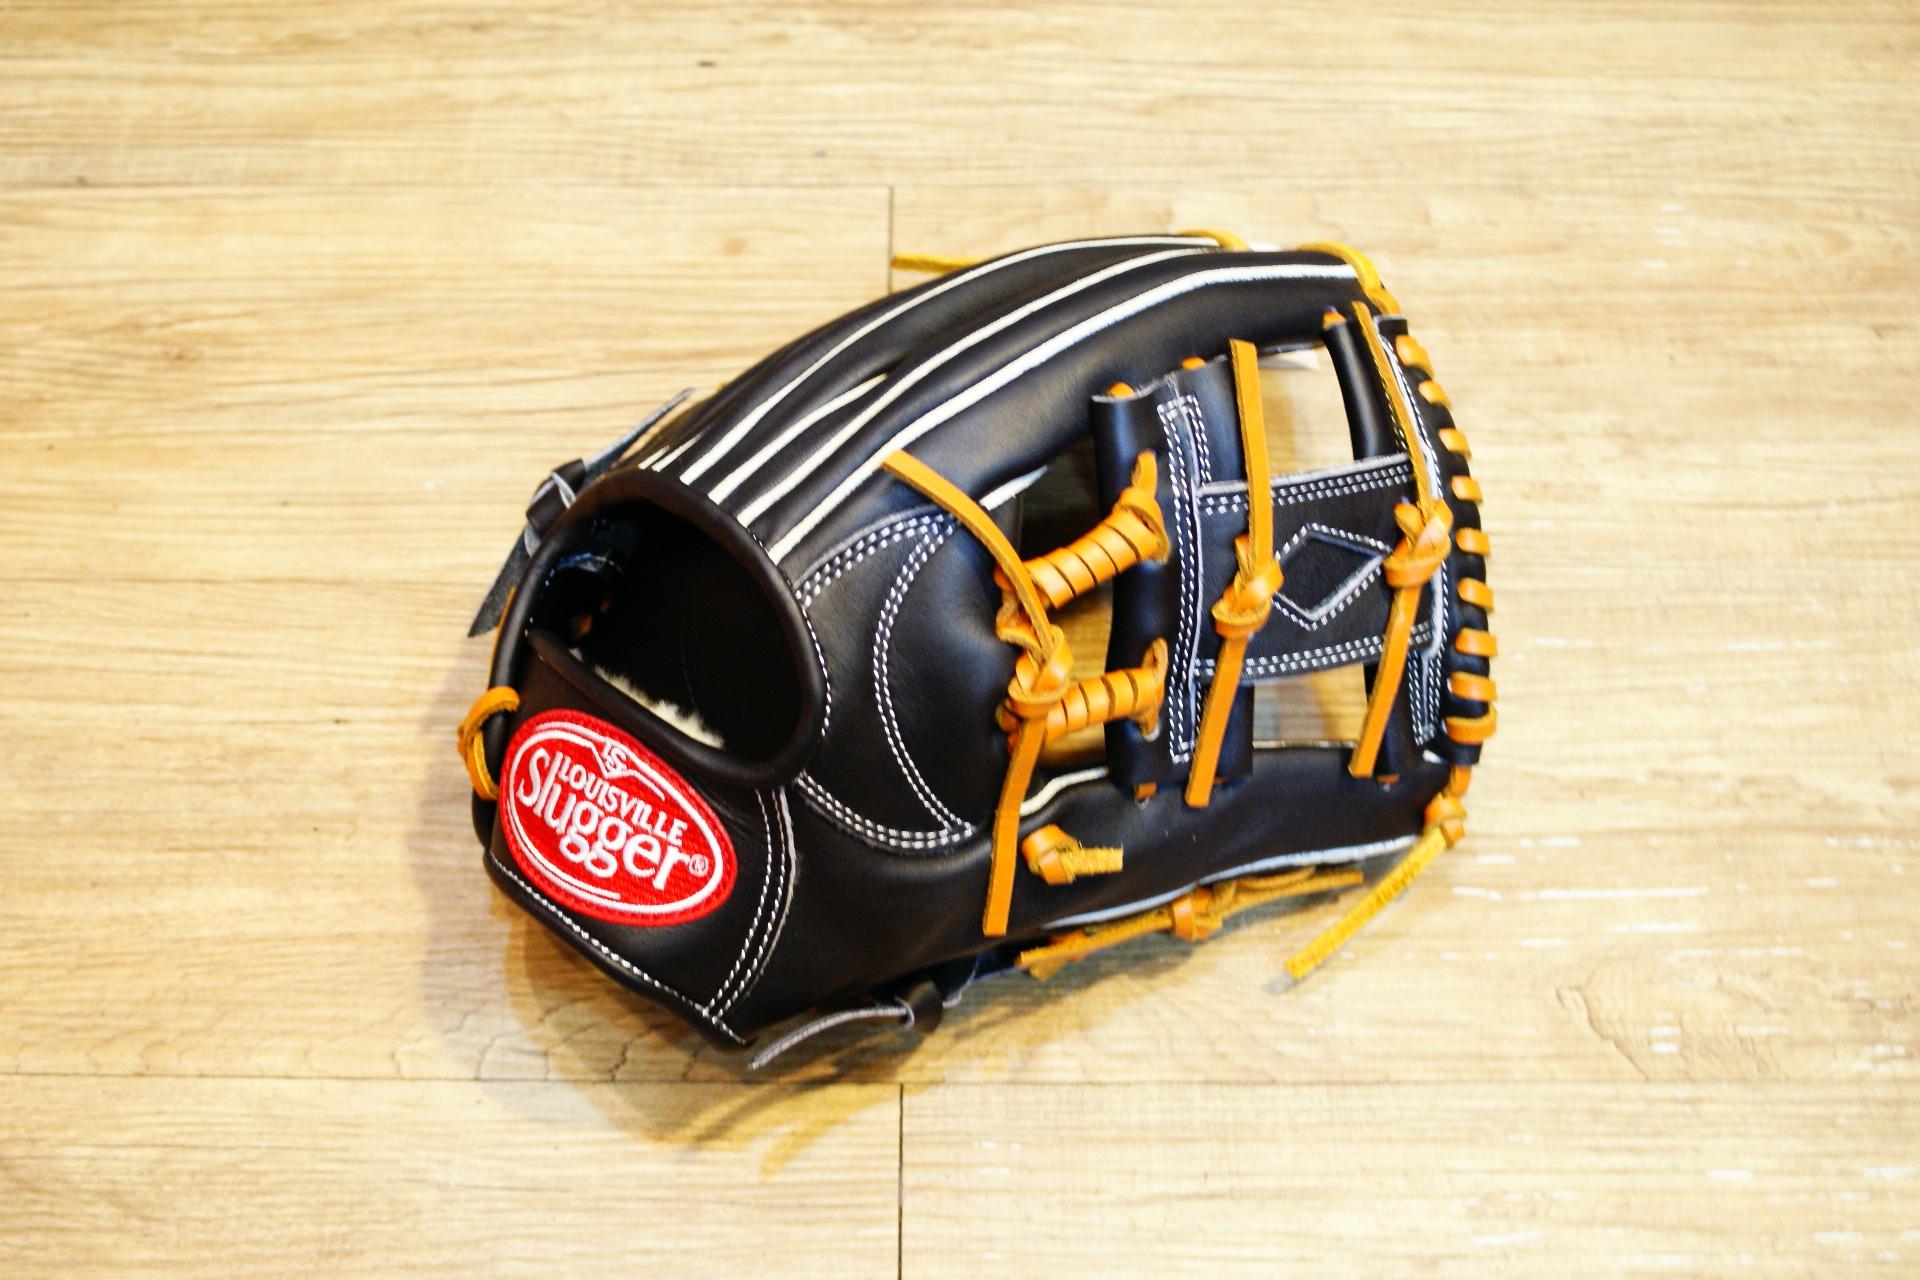 棒球世界全新 Louisville Slugger TPX 金剛系列 硬式棒壘手套 特價 內野工字 黑色